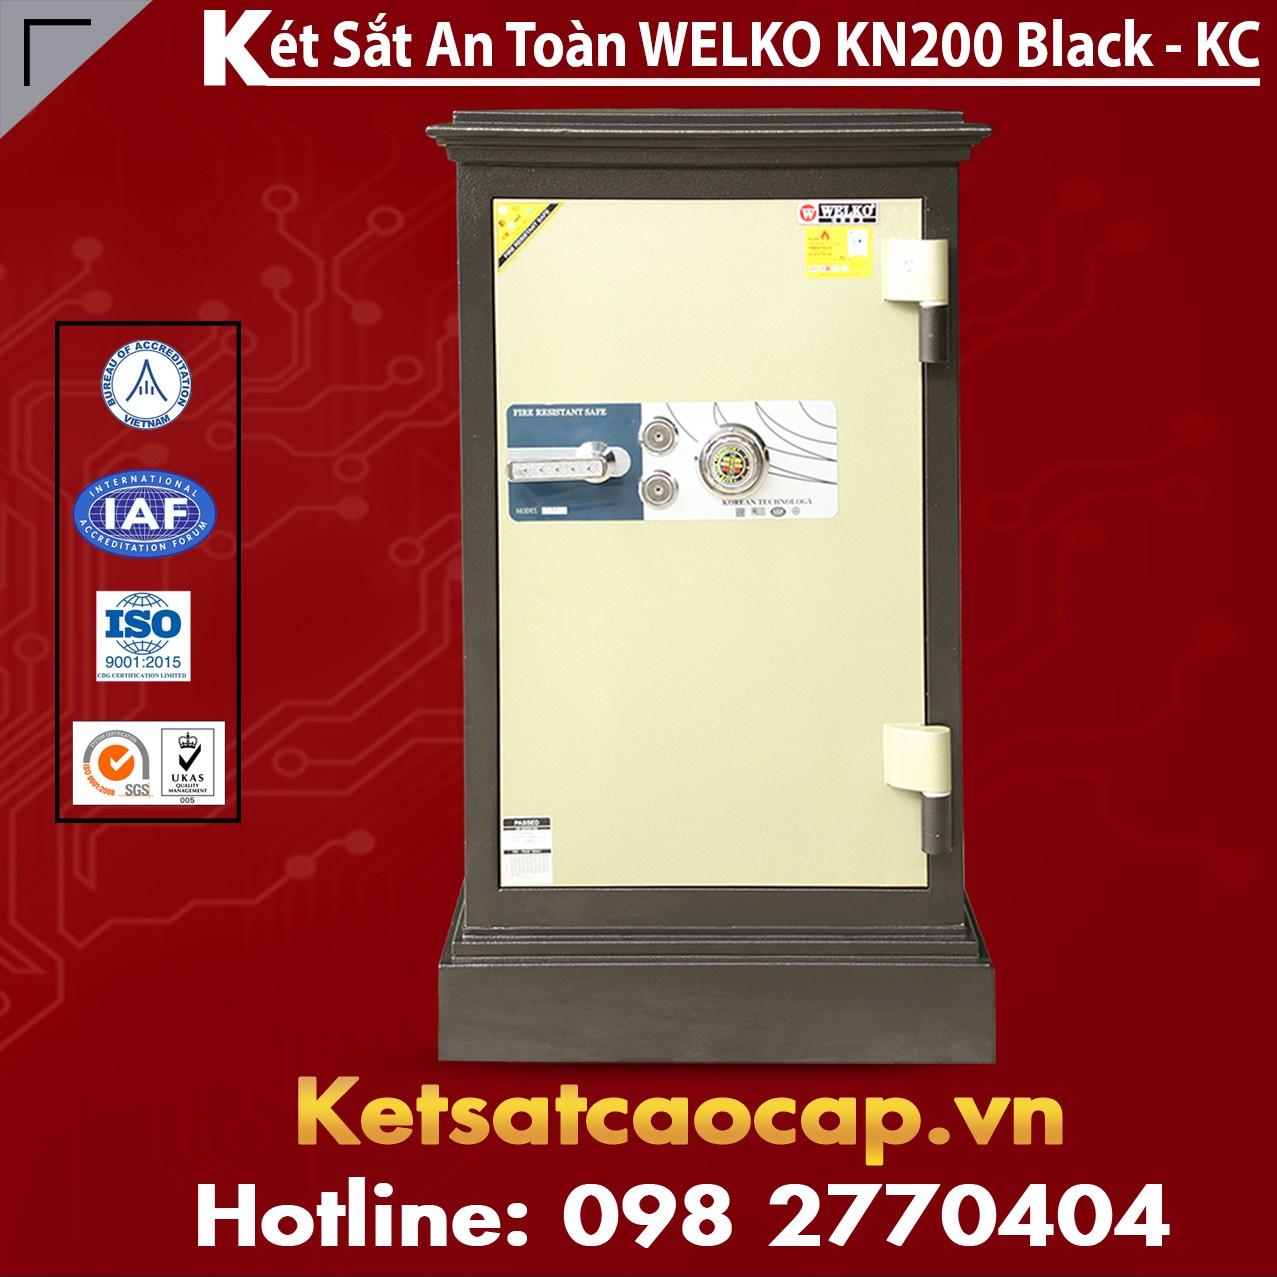 Két Sắt Khoá Cơ WELKO KN200 Black - KC